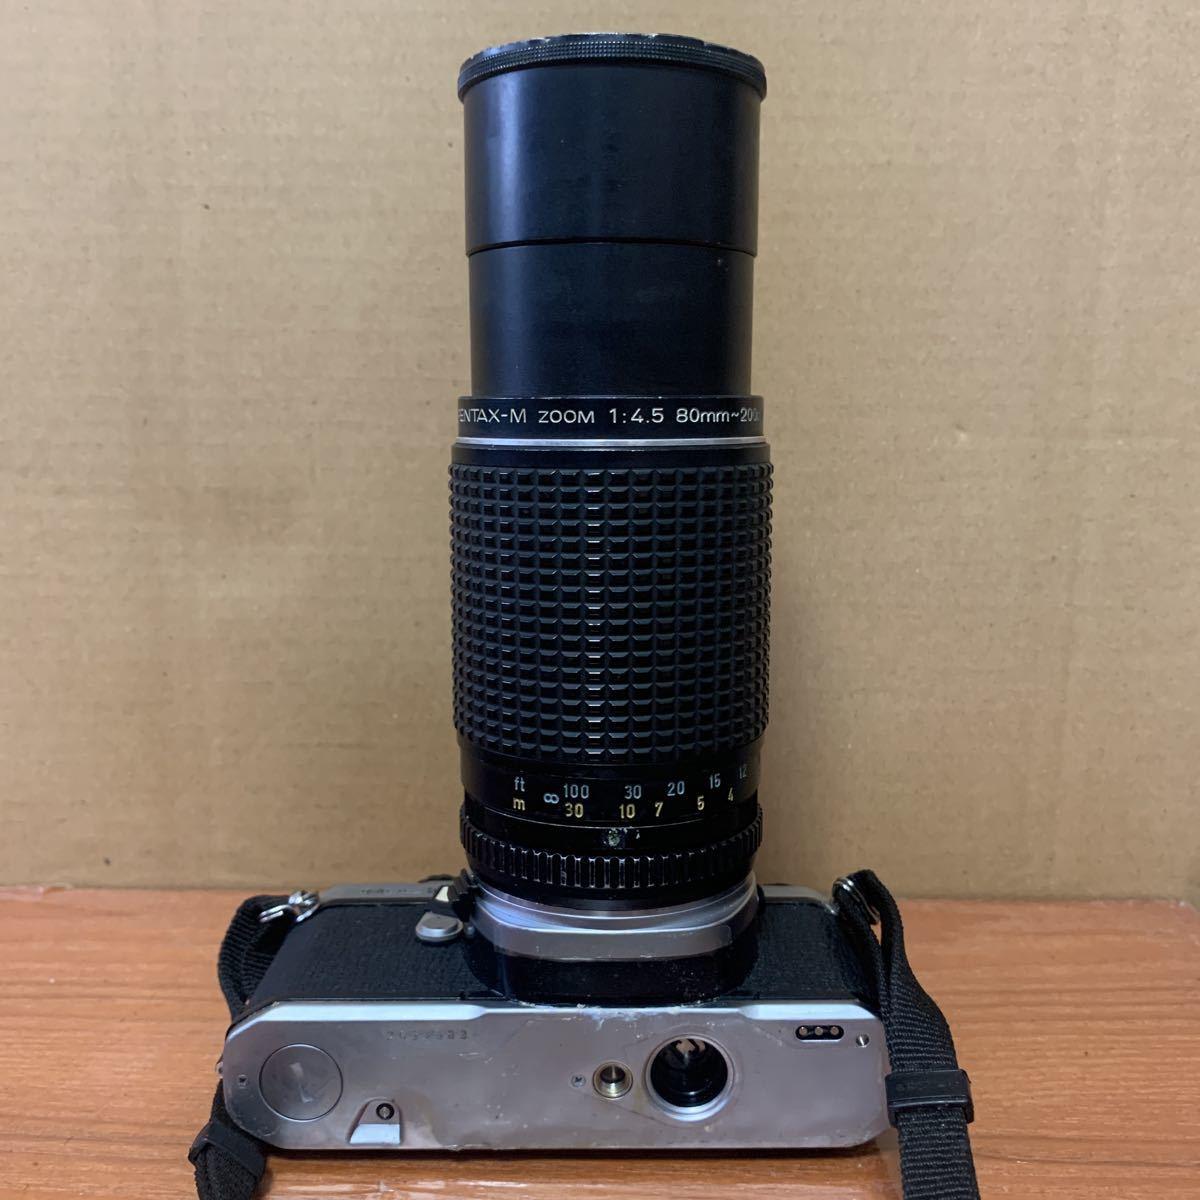 PENTAX ME SUPER ペンタックス 一眼レフカメラ フィルムカメラ 未確認 400_画像5